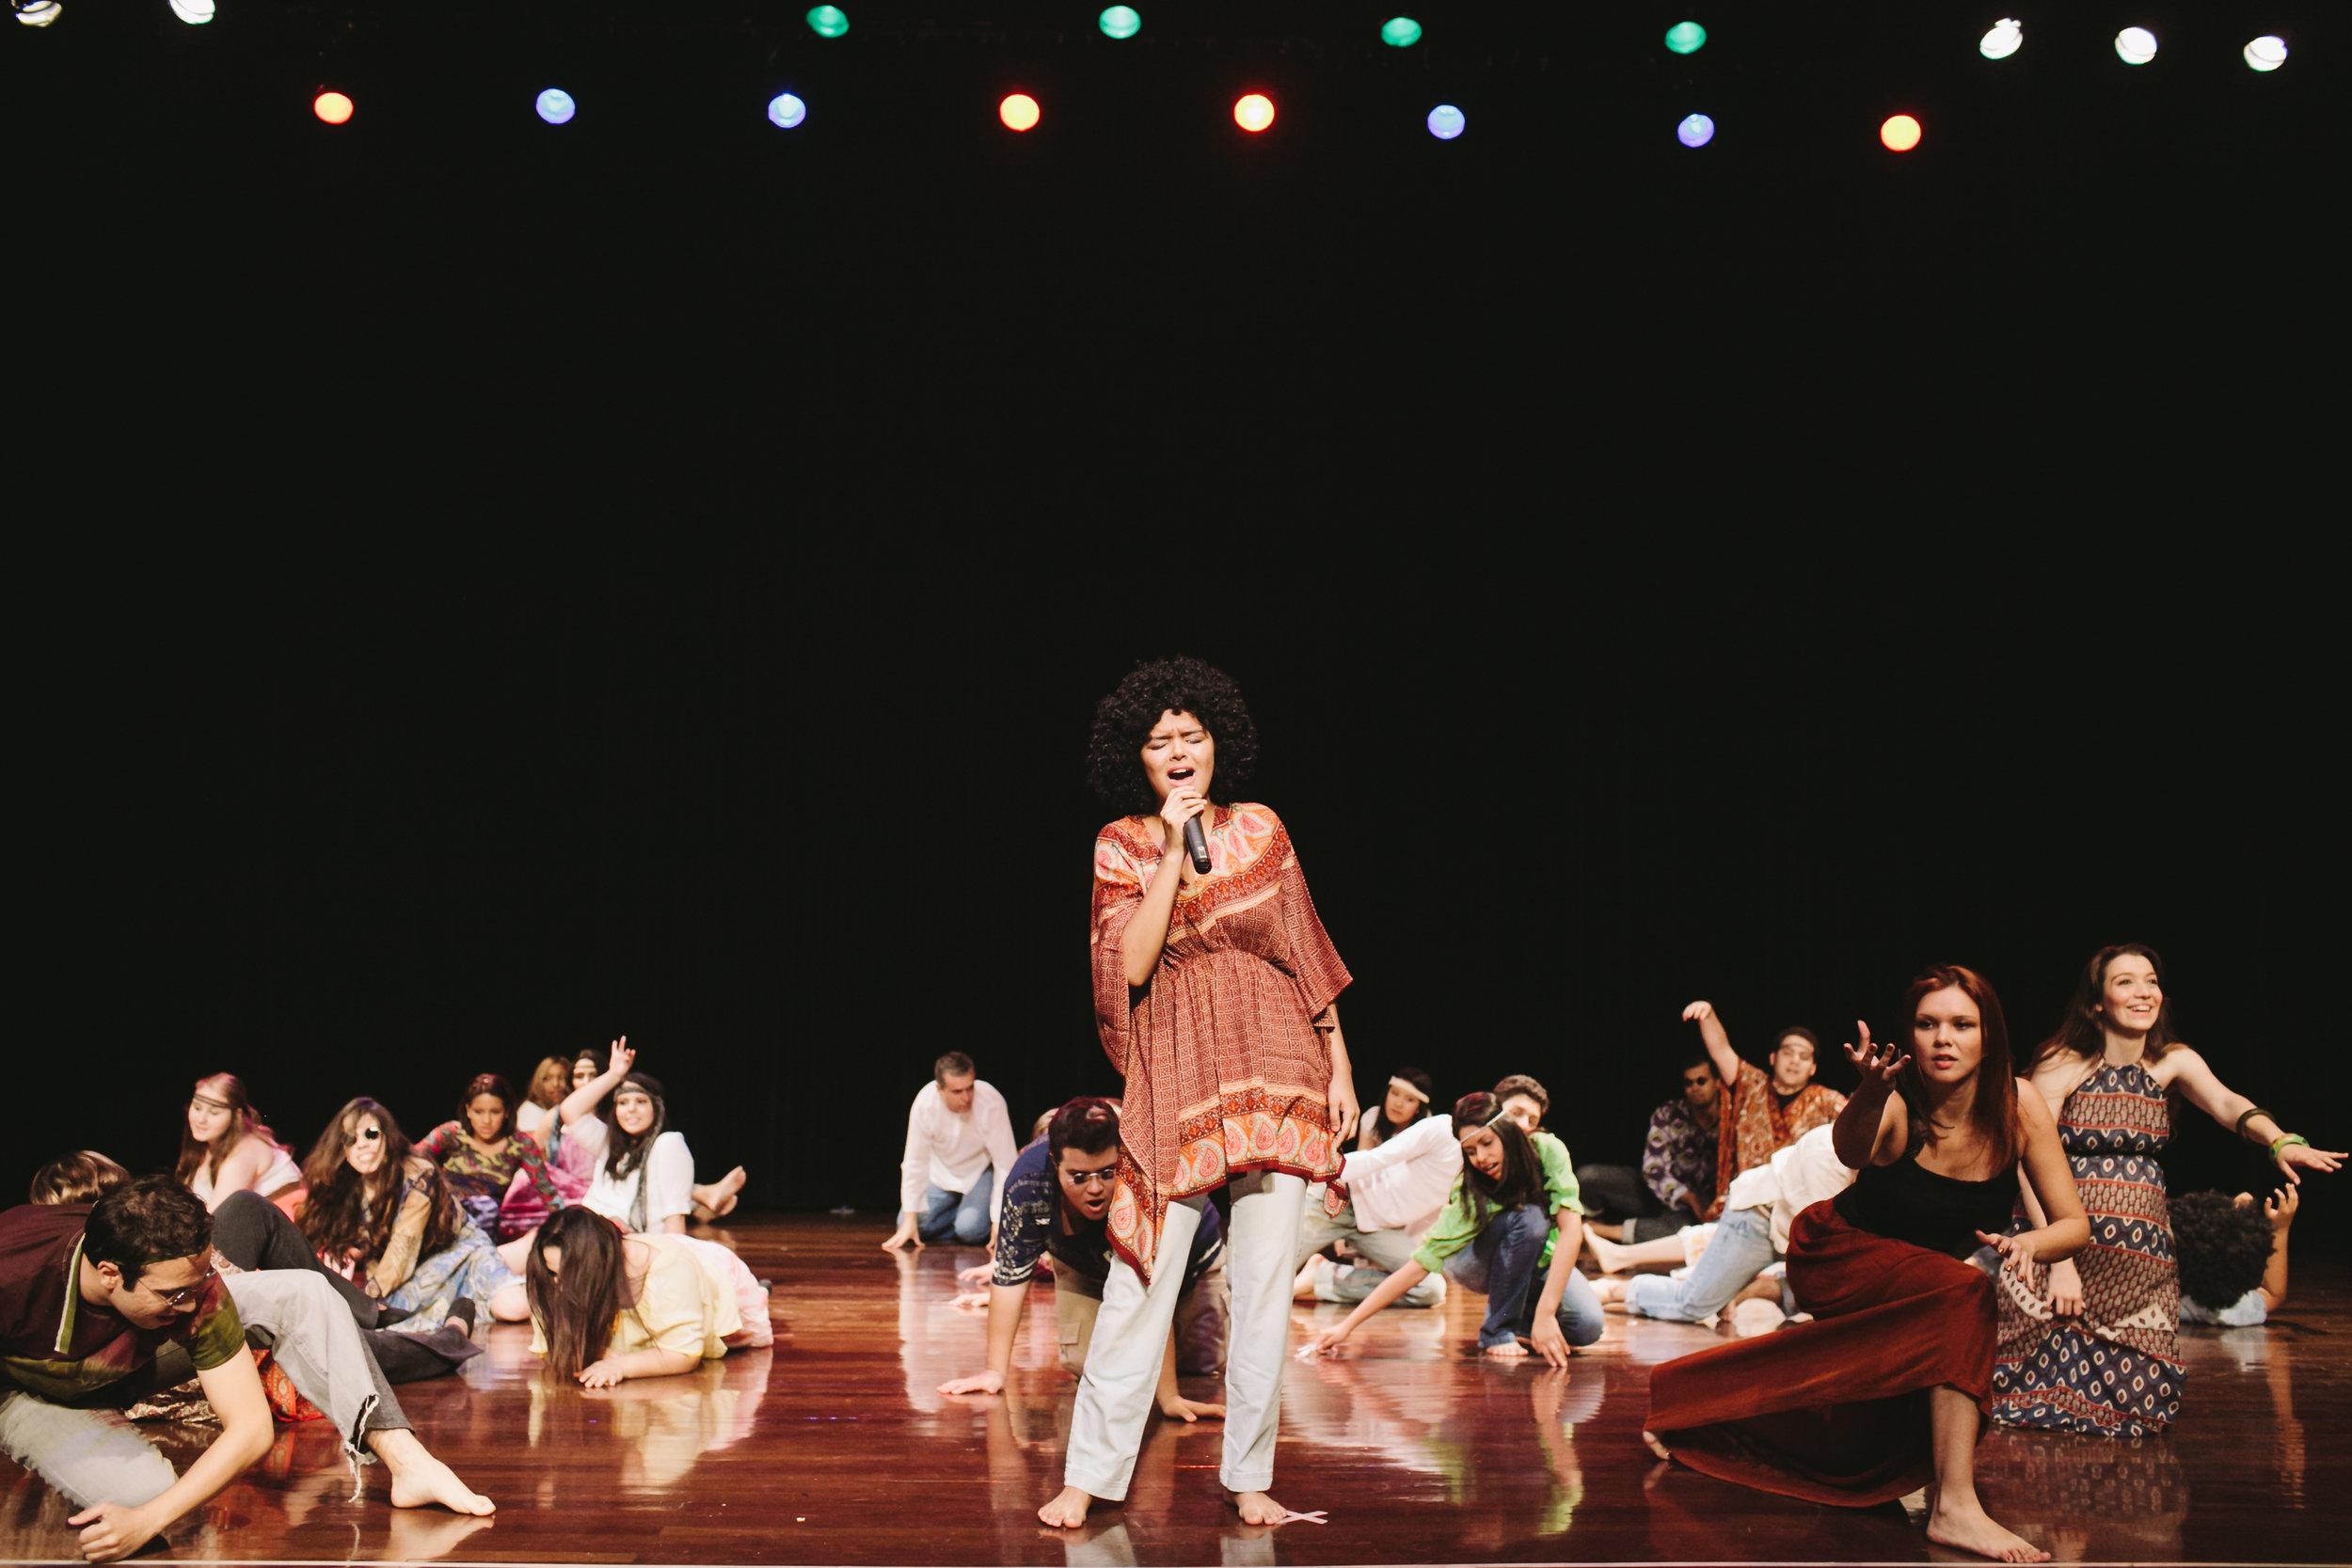 348_PRINT © Elisenda Llinares para Cia. de Teatro Musical Tatiana Gurgel.jpg